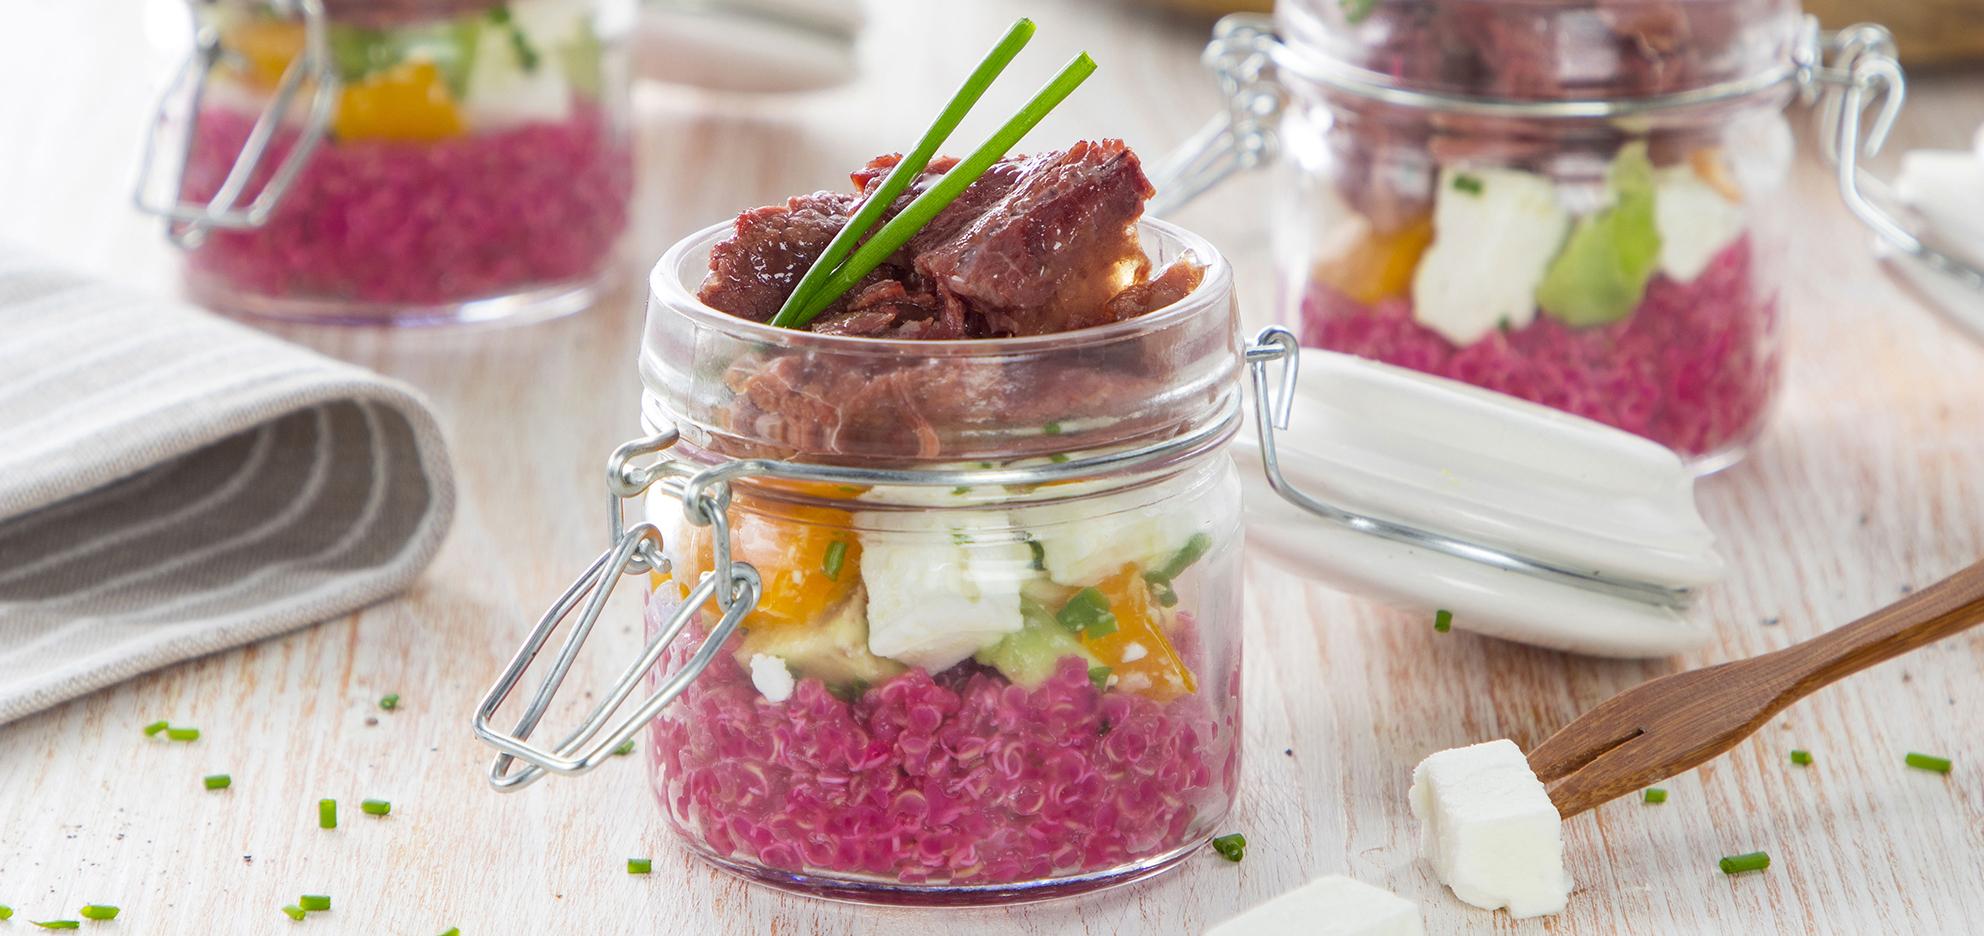 Vasetti-quinoa-carne-in-scatola-Montana-senza-glutine